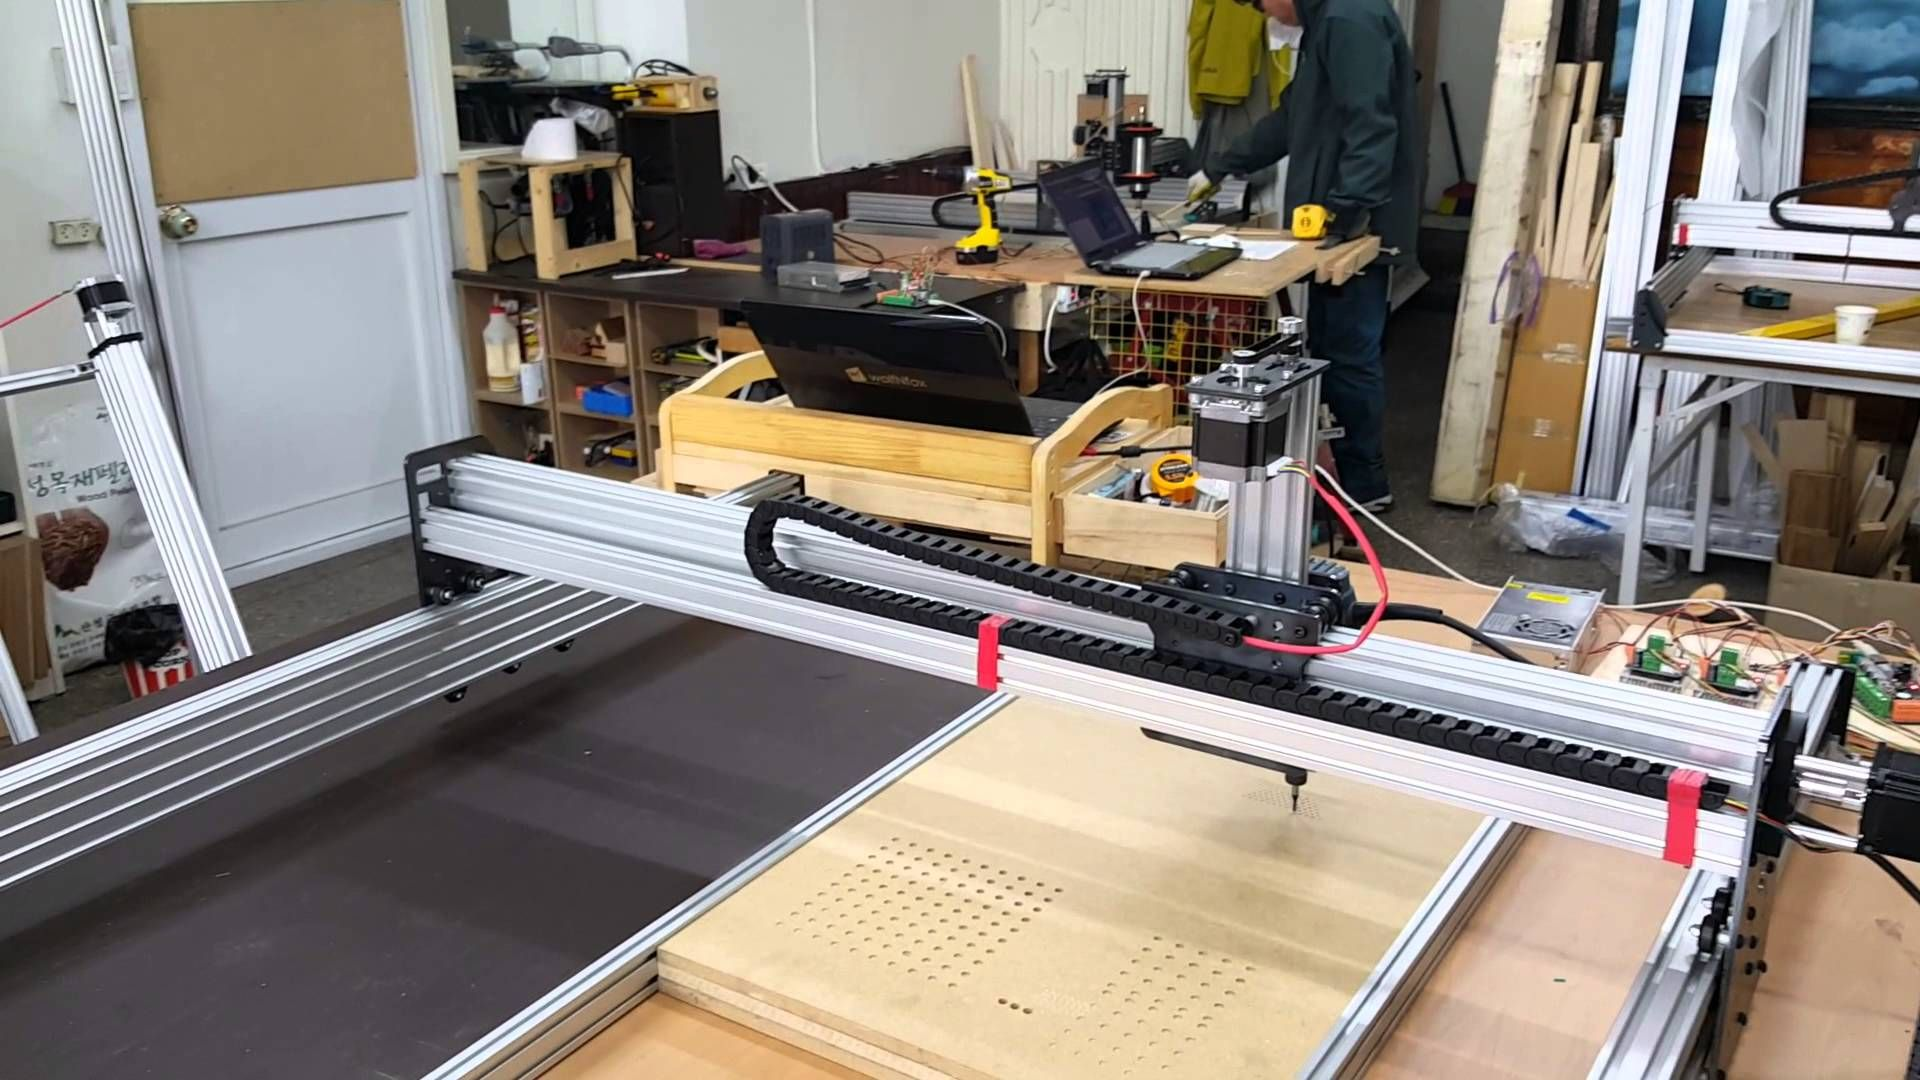 Homemade DIY CNC Project 1200*1200(오픈빌드) Diy cnc, Cnc